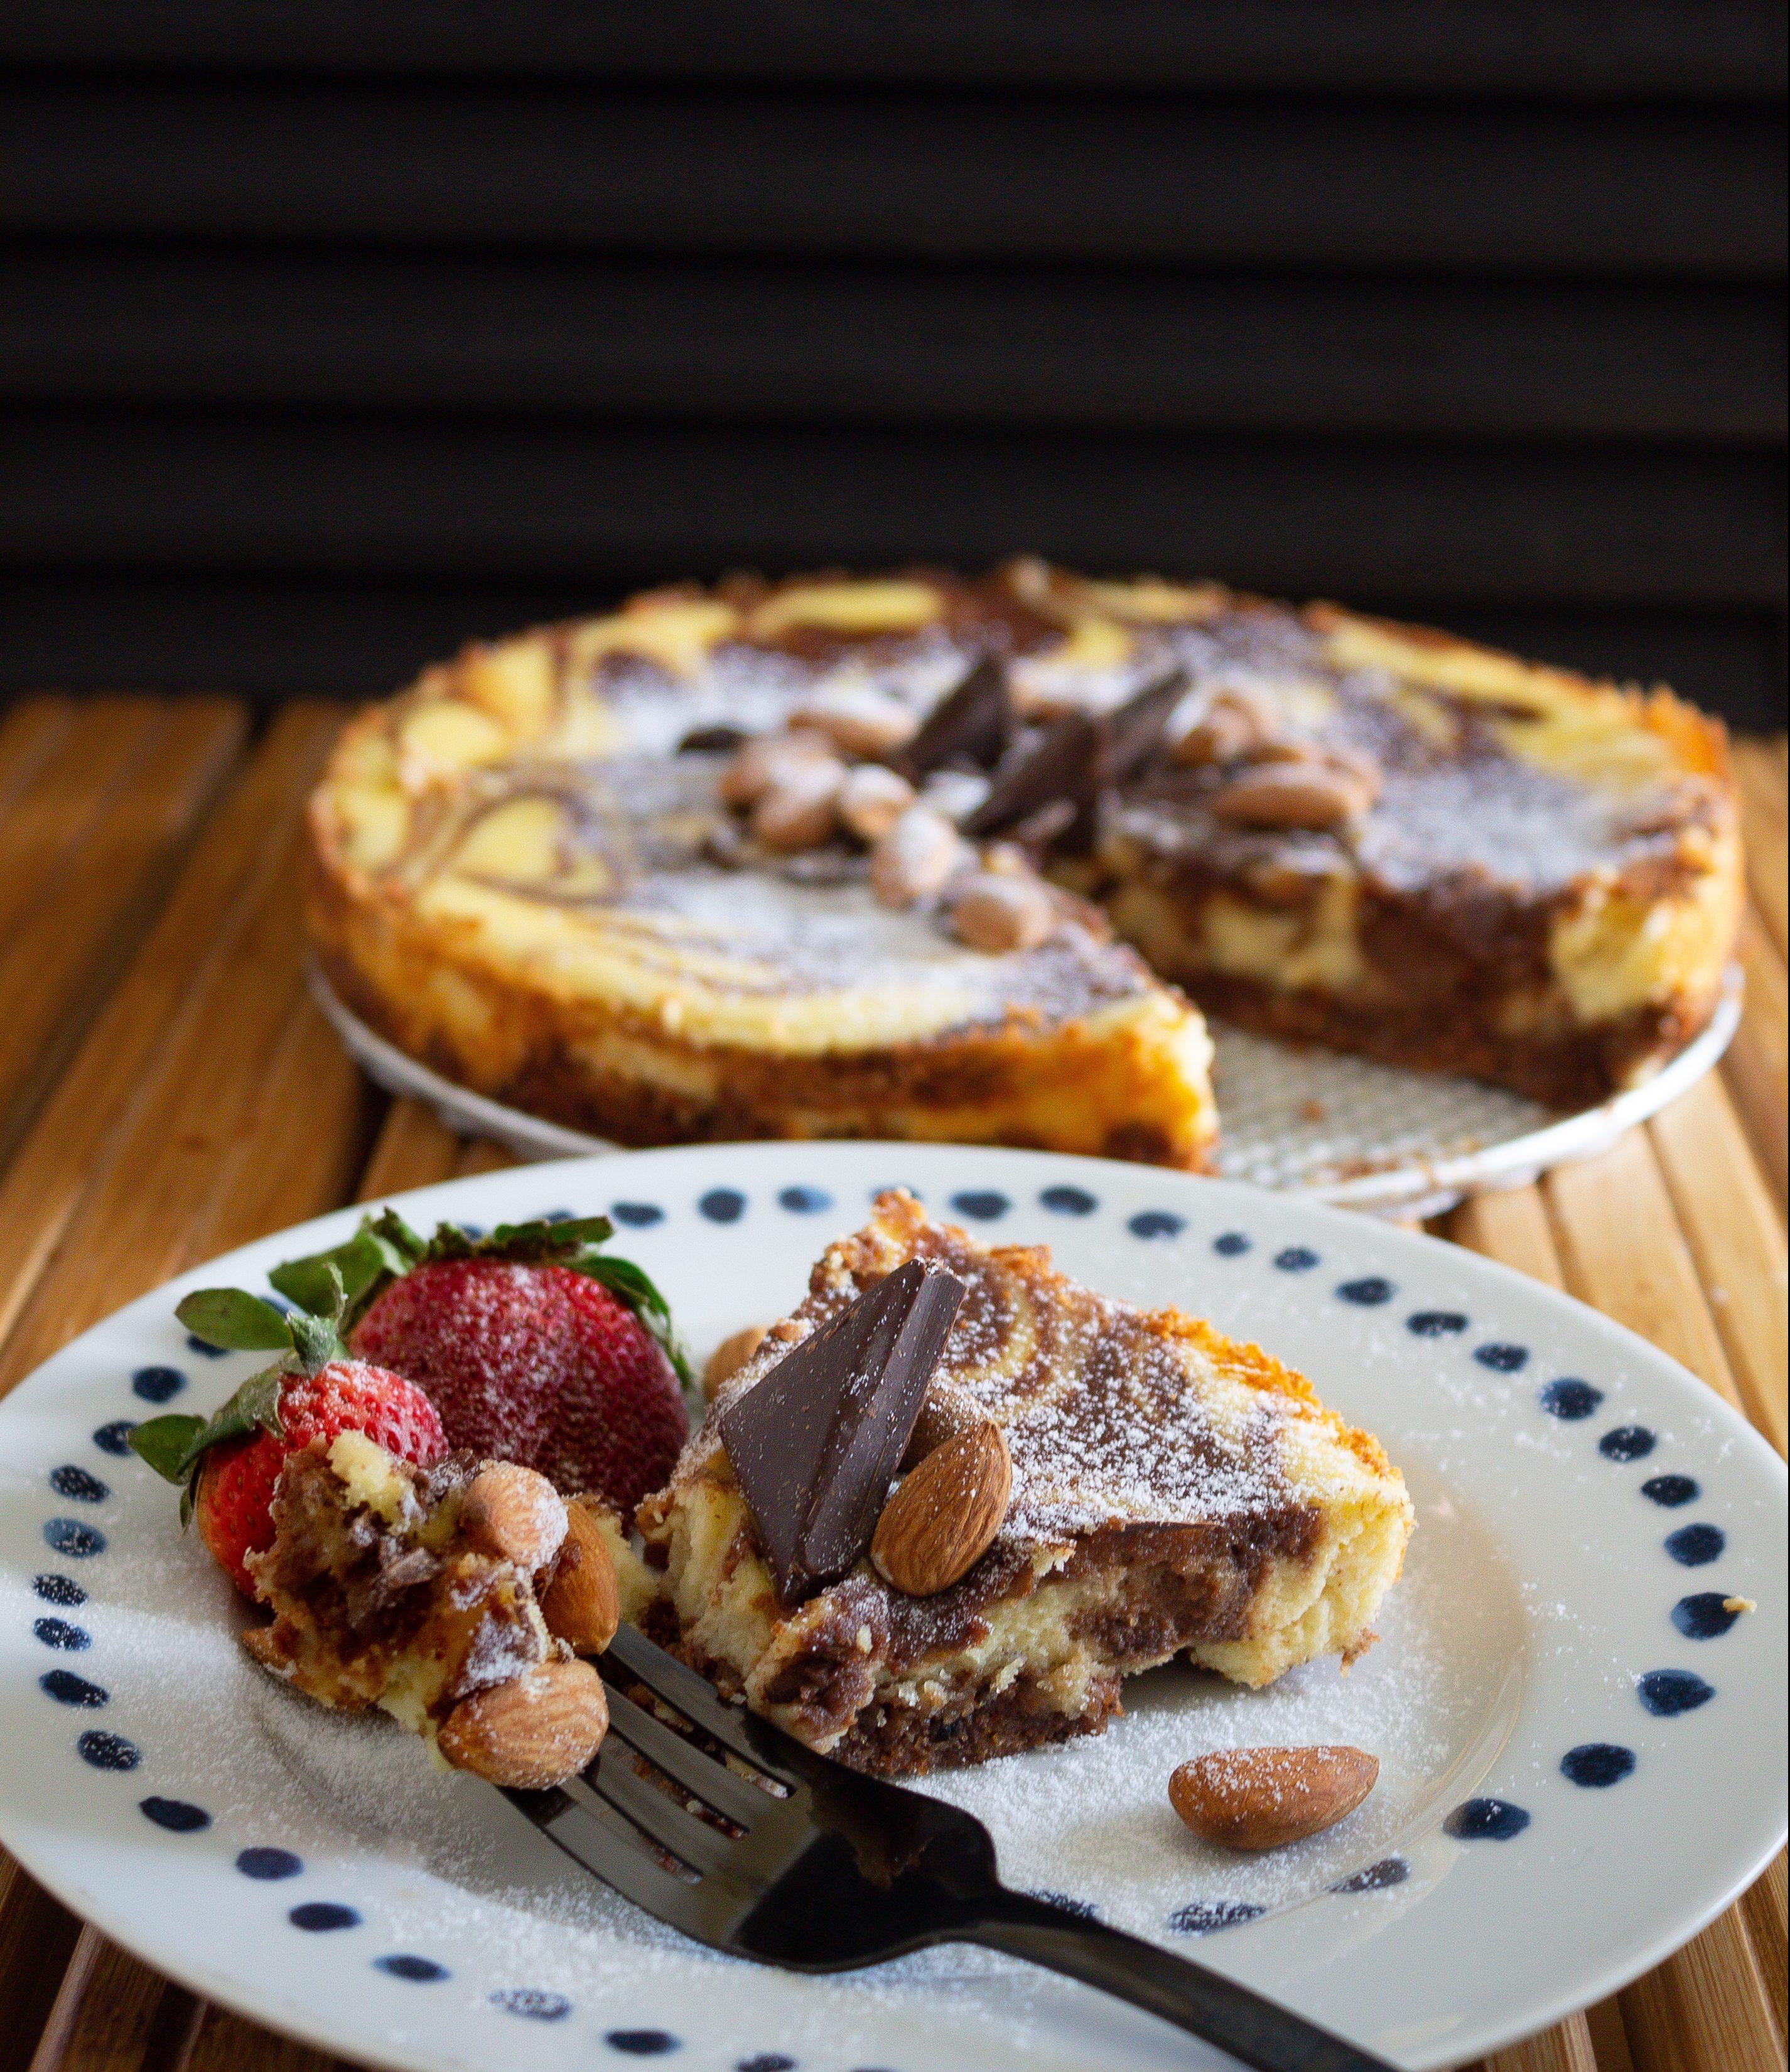 Almond Cream Cheesecake marbled dessert.